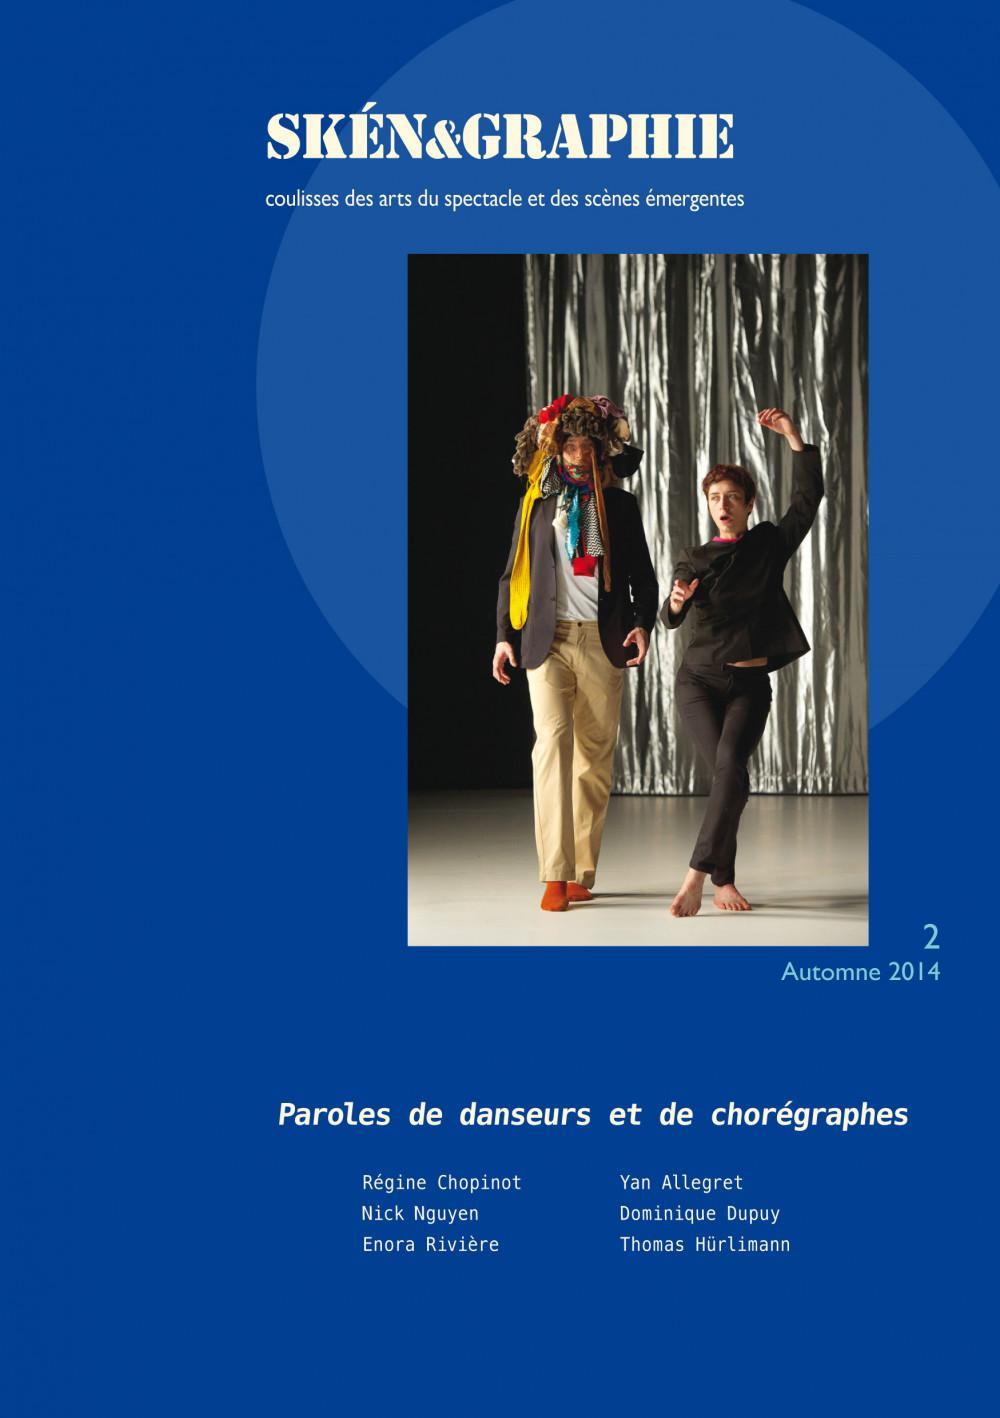 Paroles de danseurs et de chorégraphes